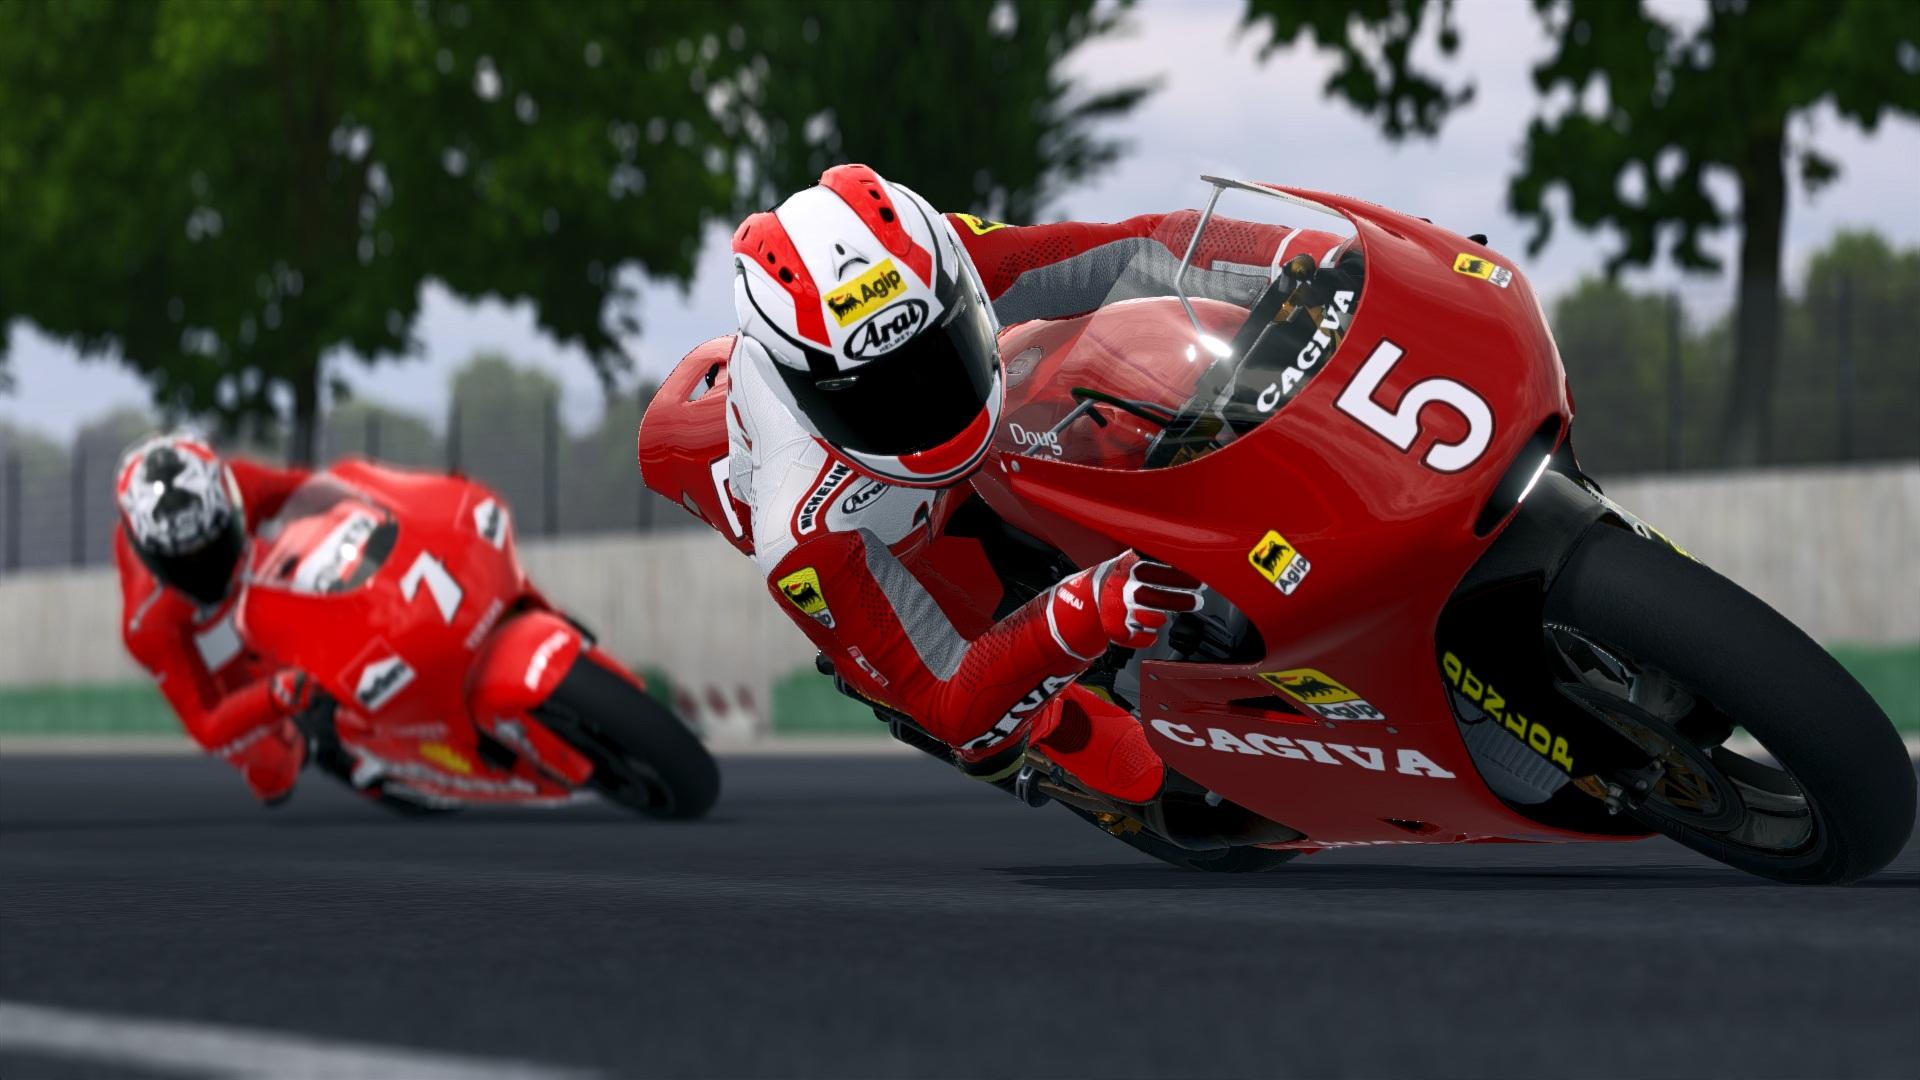 MotoGP14X64.exe_DX11_20140728_214458.jpg